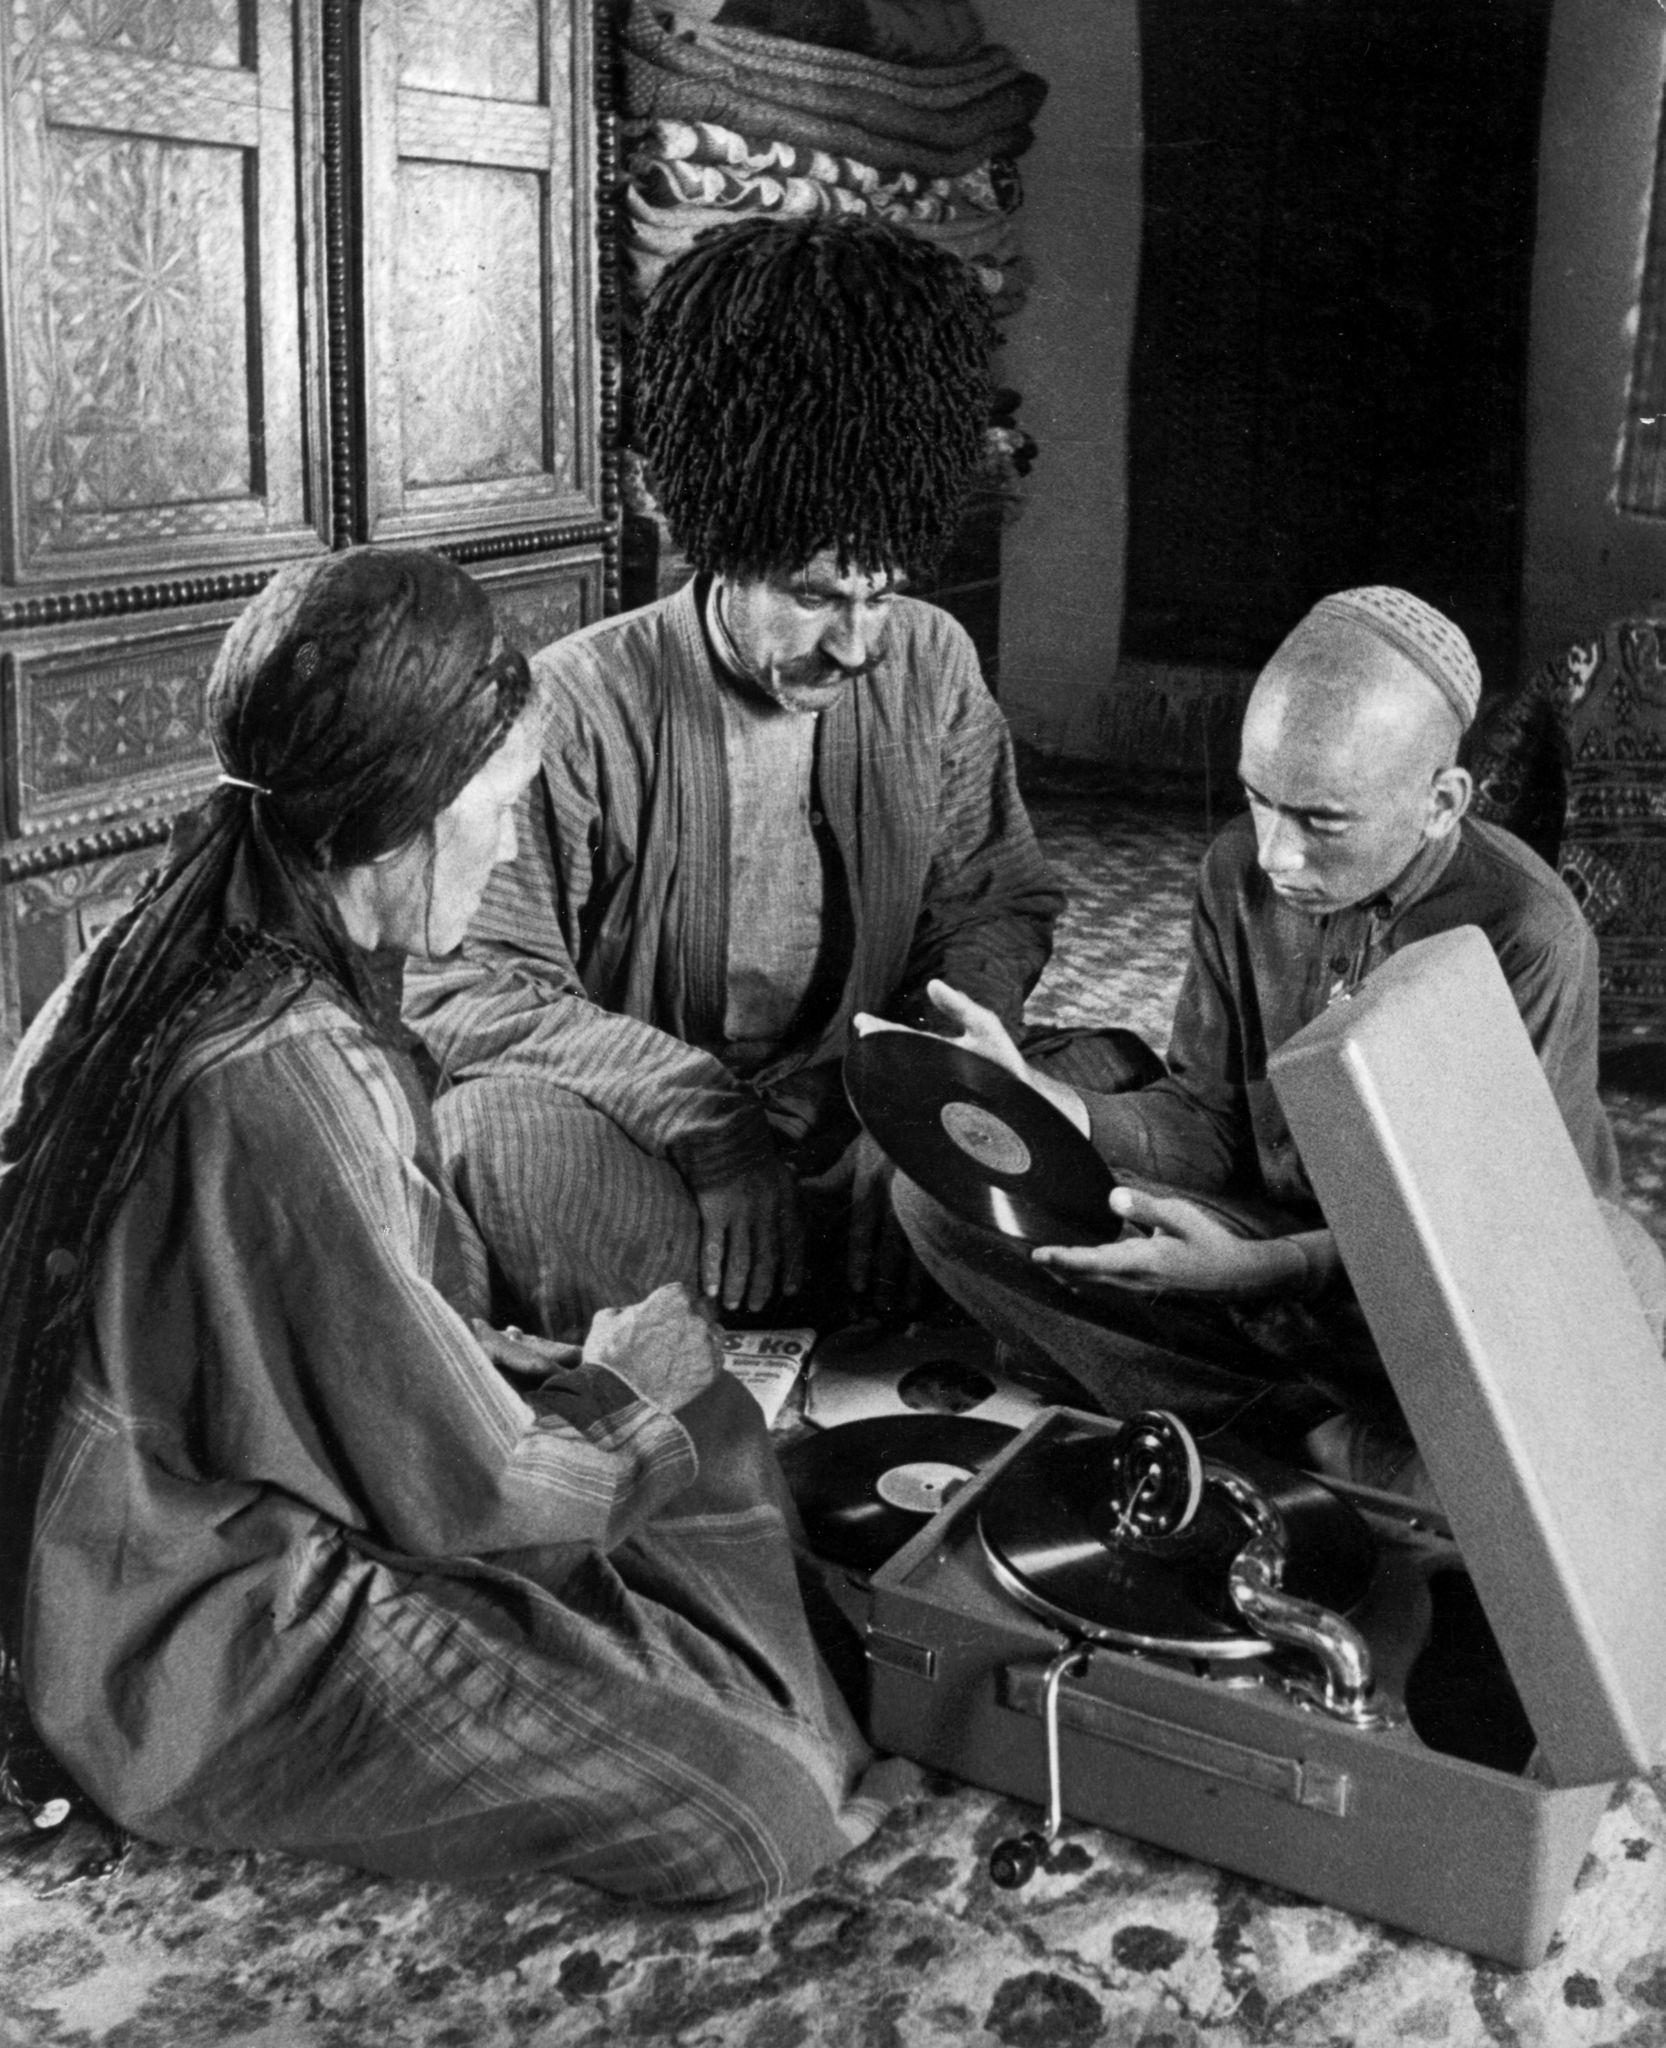 1938. Колхозники в Туркмении ведут богатую и культурную жизнь, октябрь